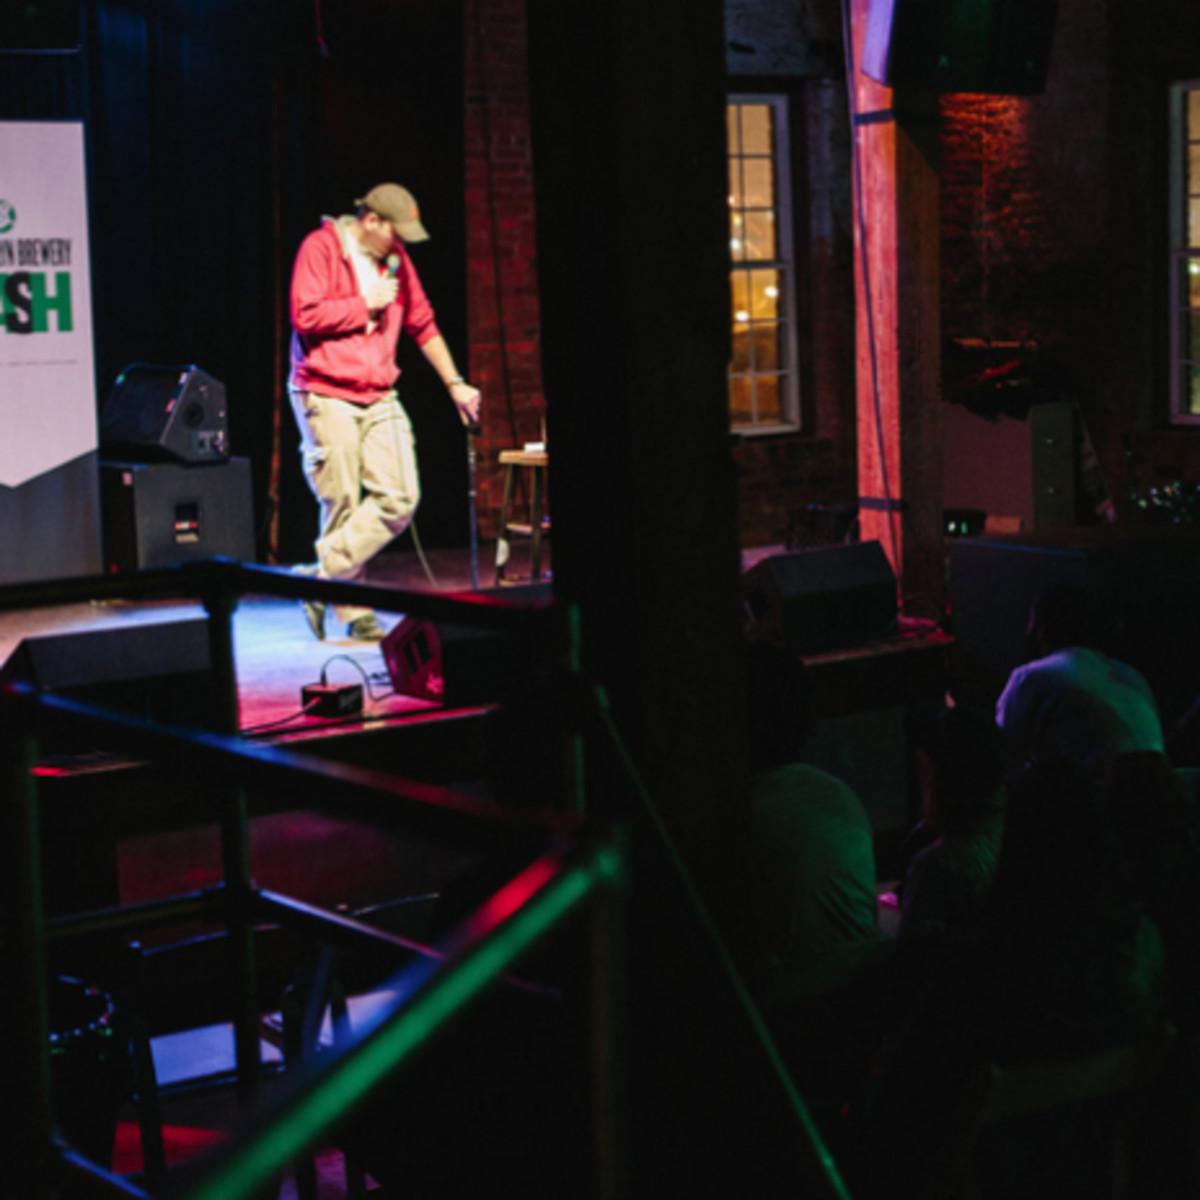 Brooklyn Brewery Mash - Comedy - Josh Gondelman 2014